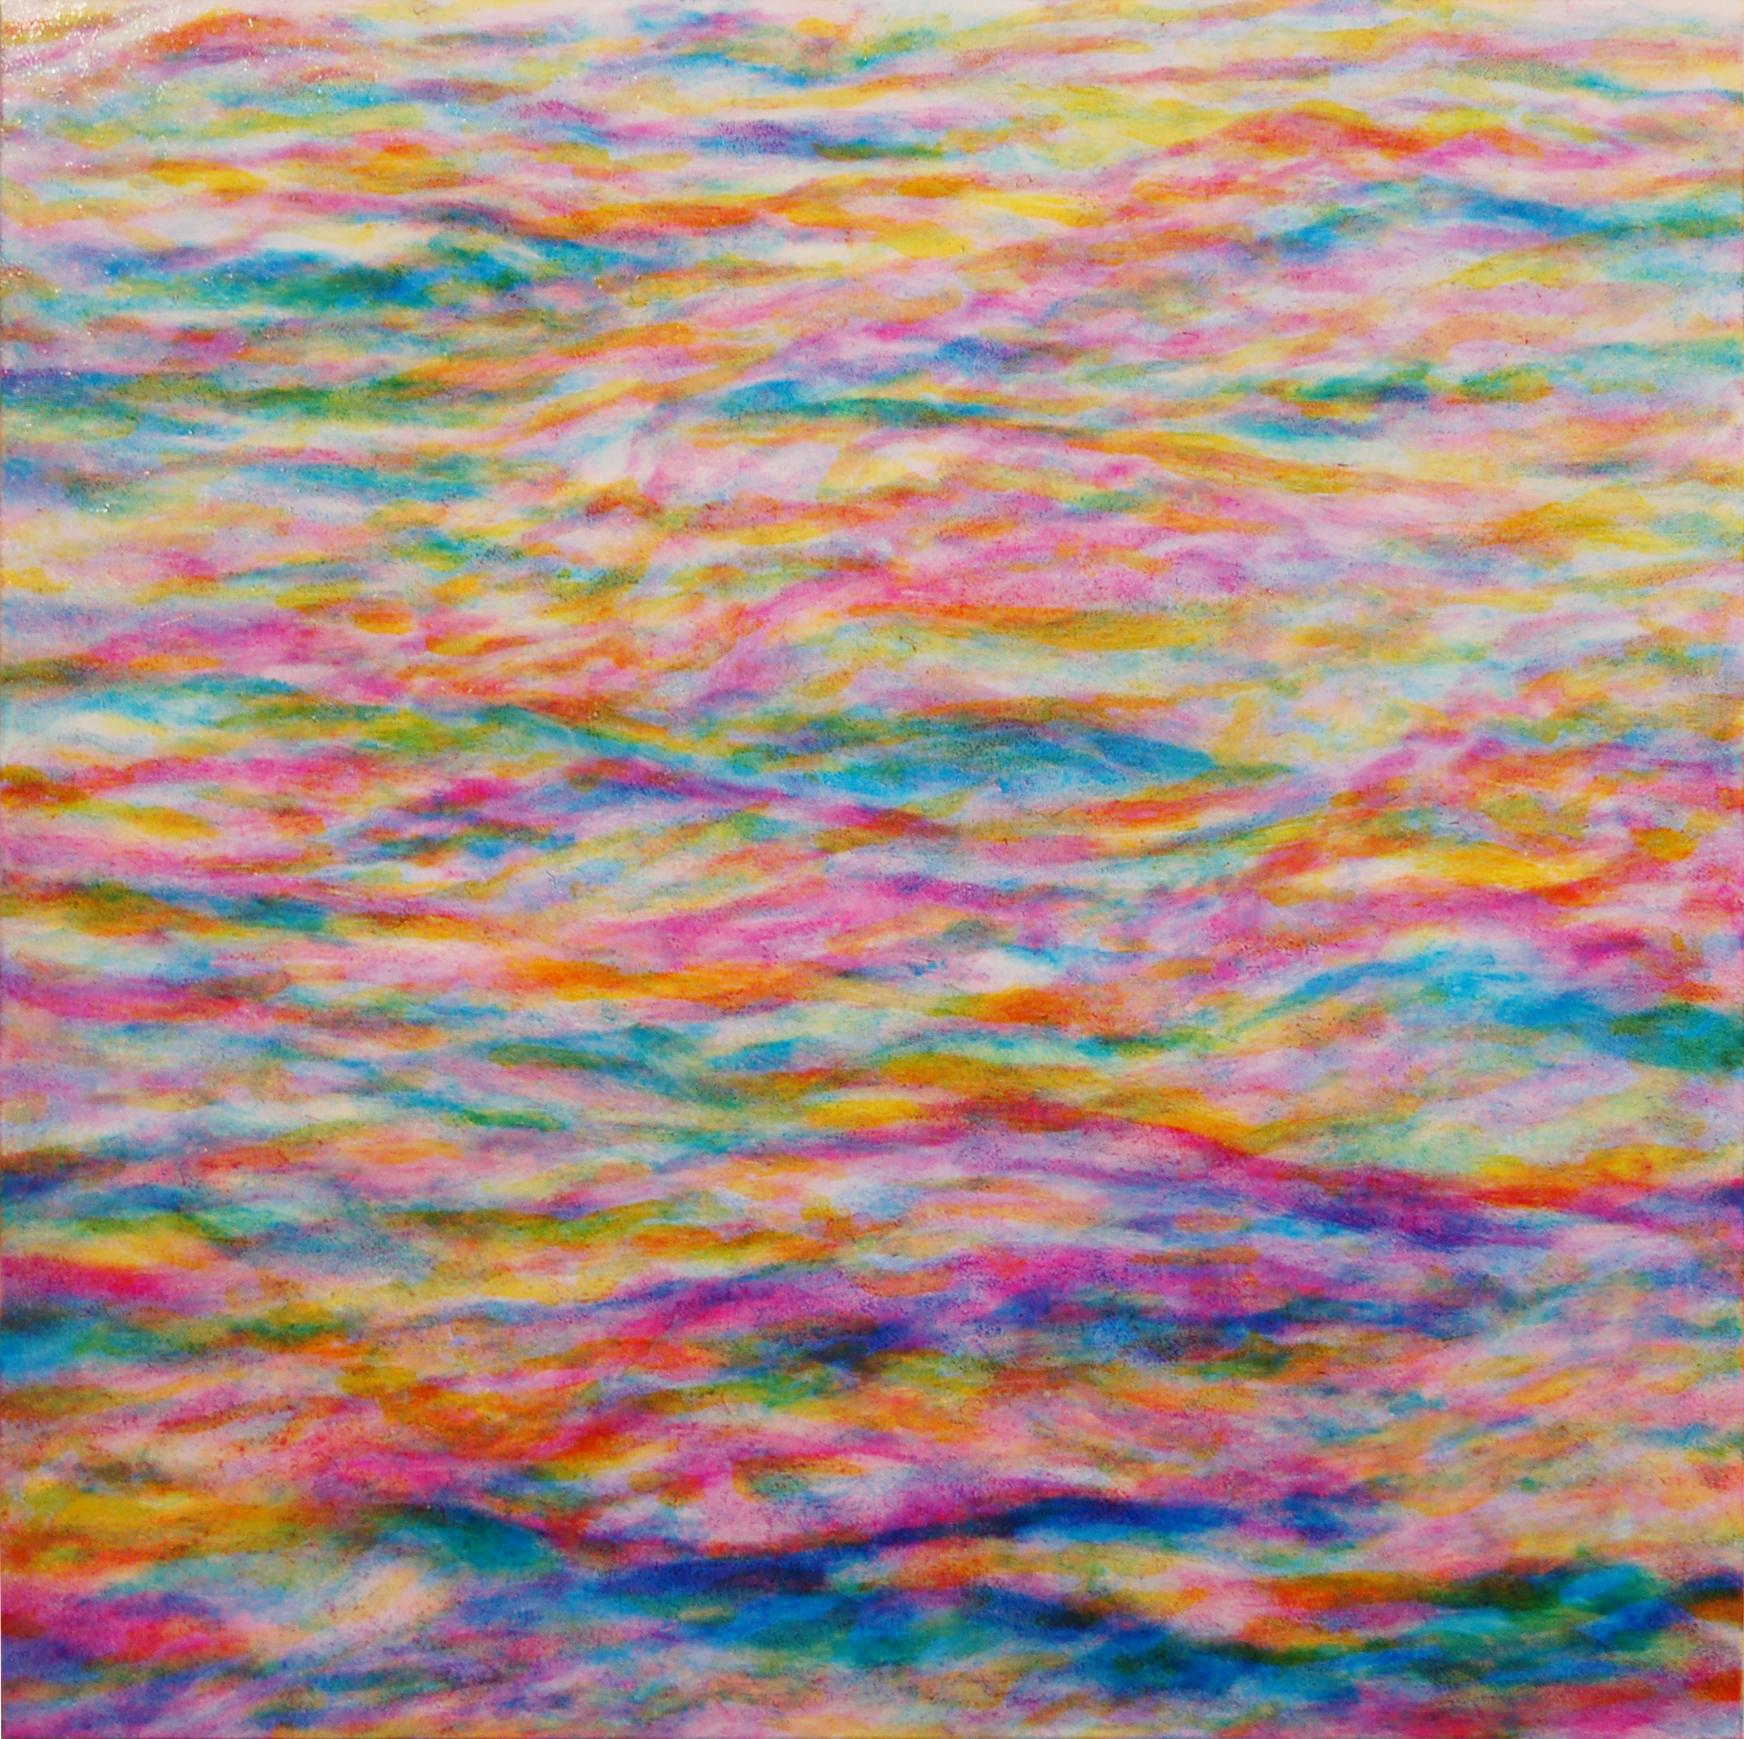 water paintings - 2010-2011